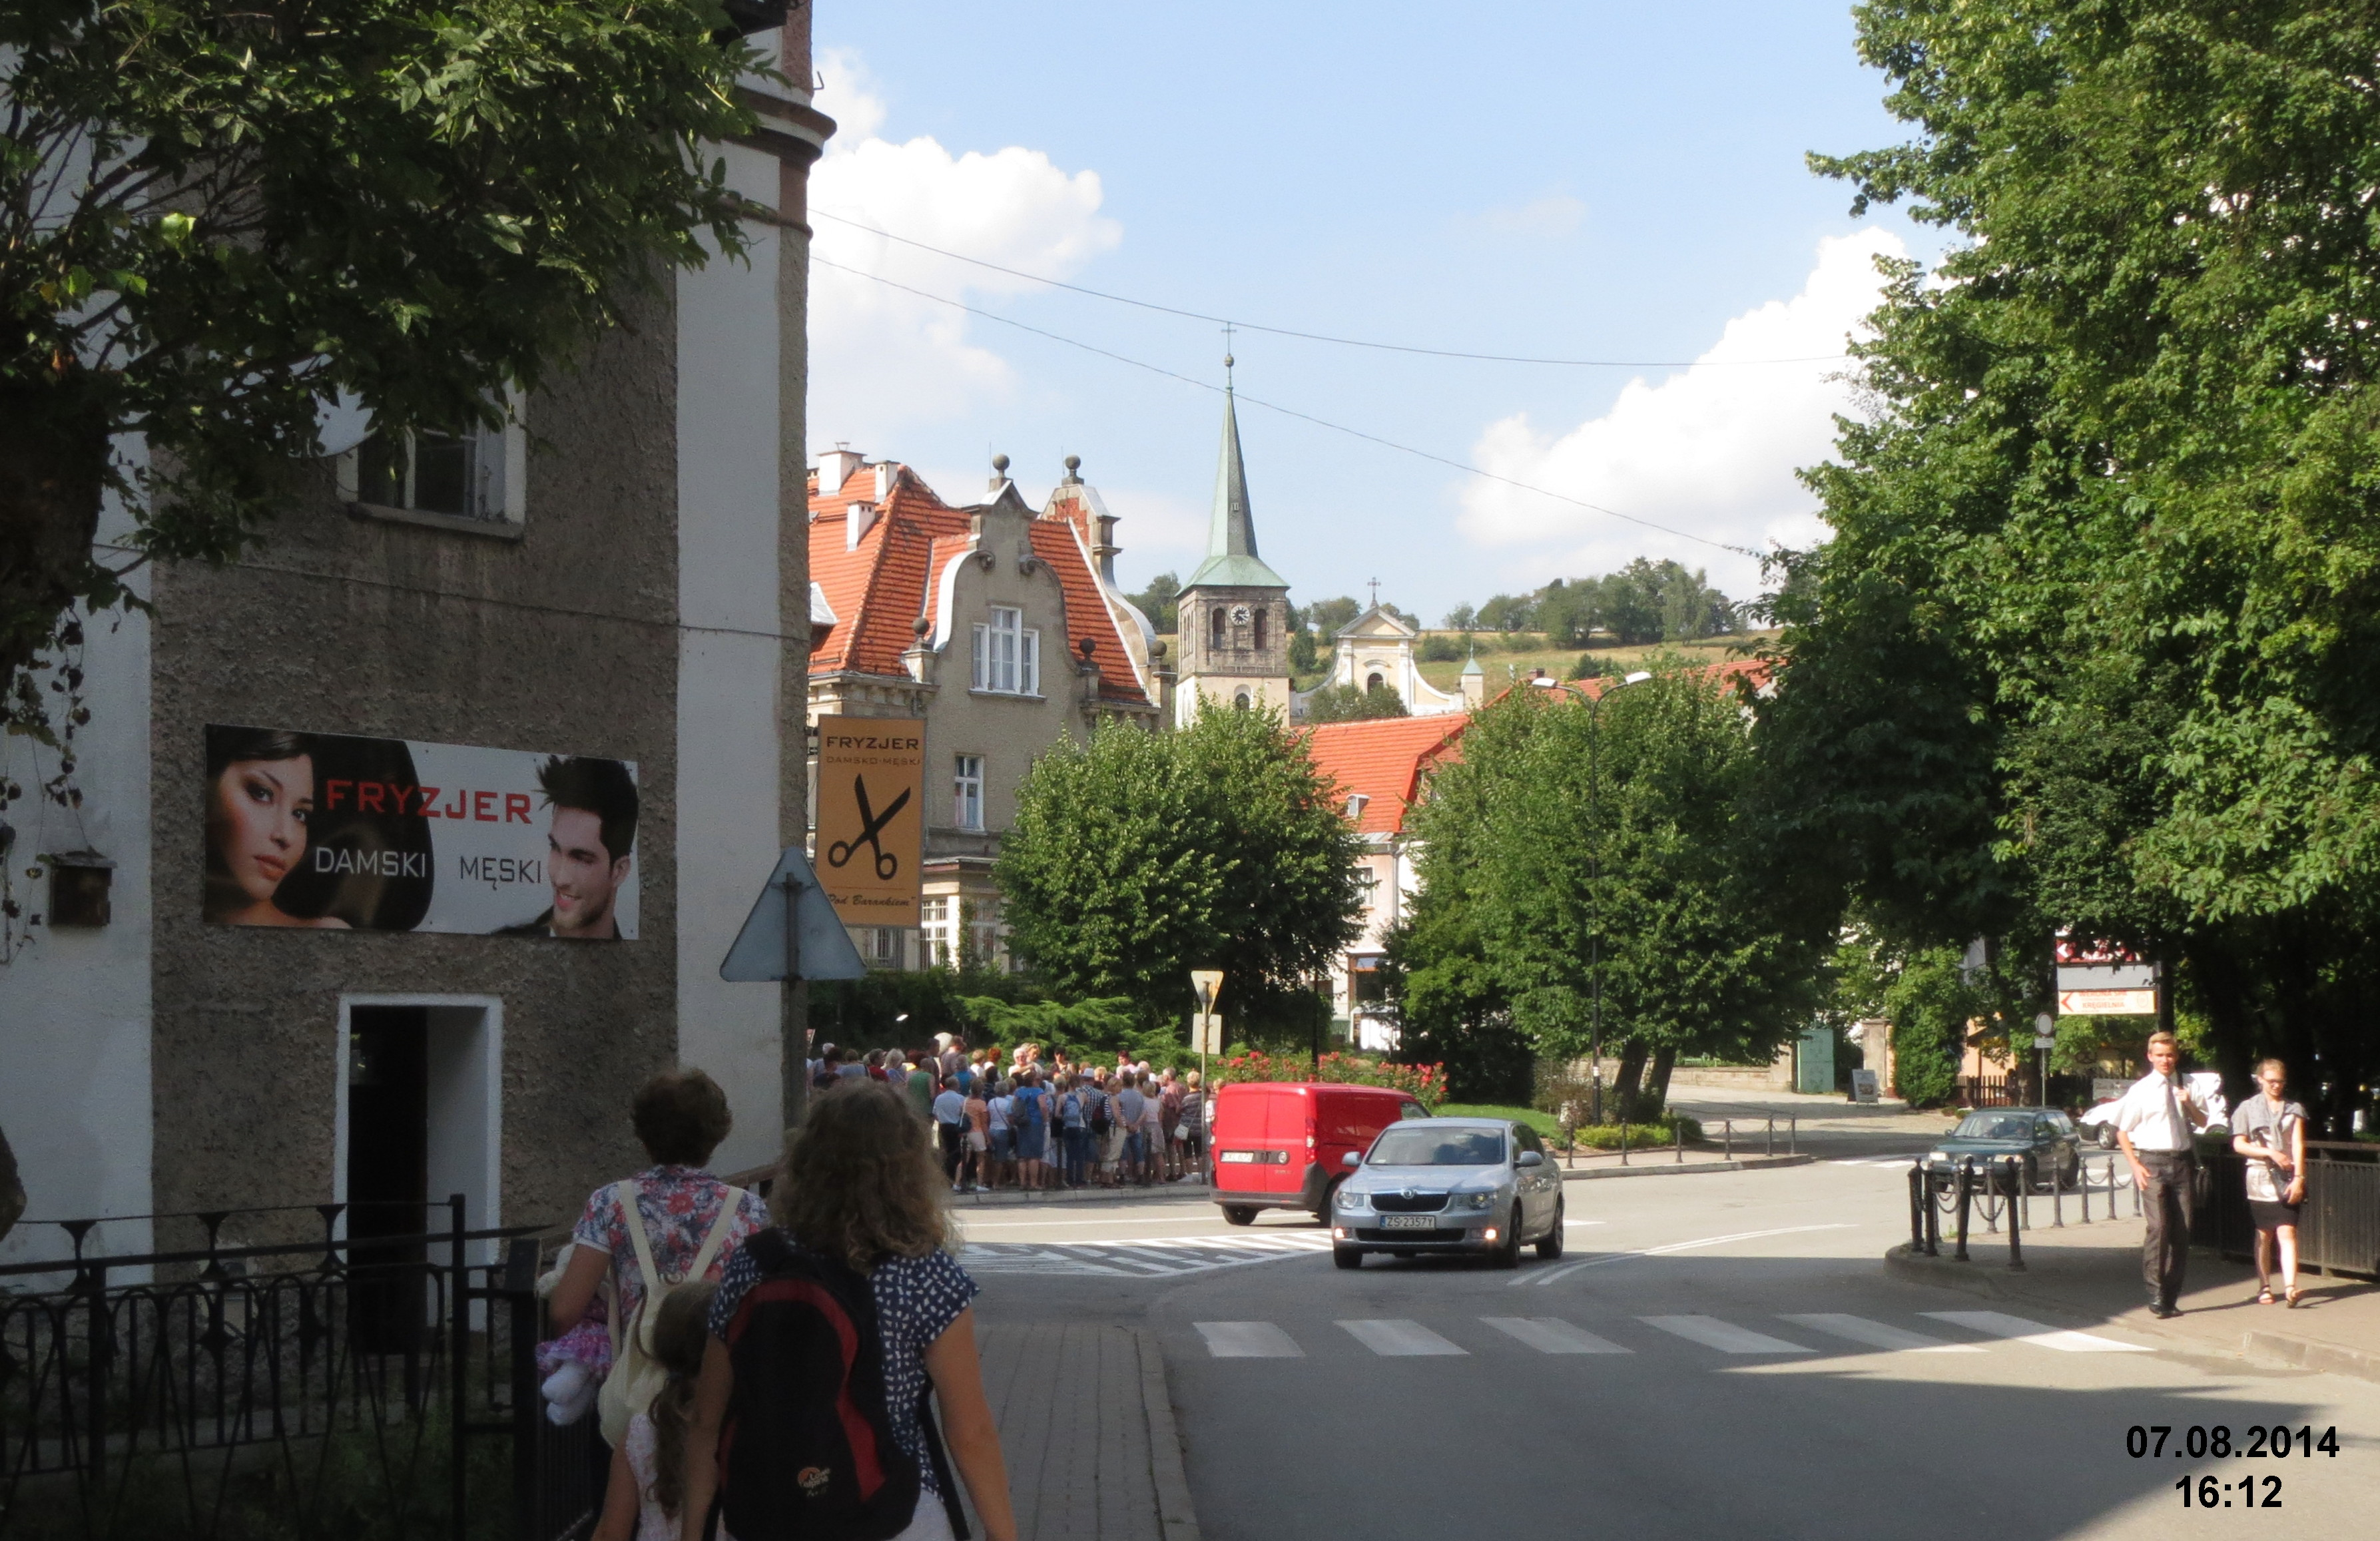 Fileduszniki Zdrój 15267632744jpg Wikimedia Commons